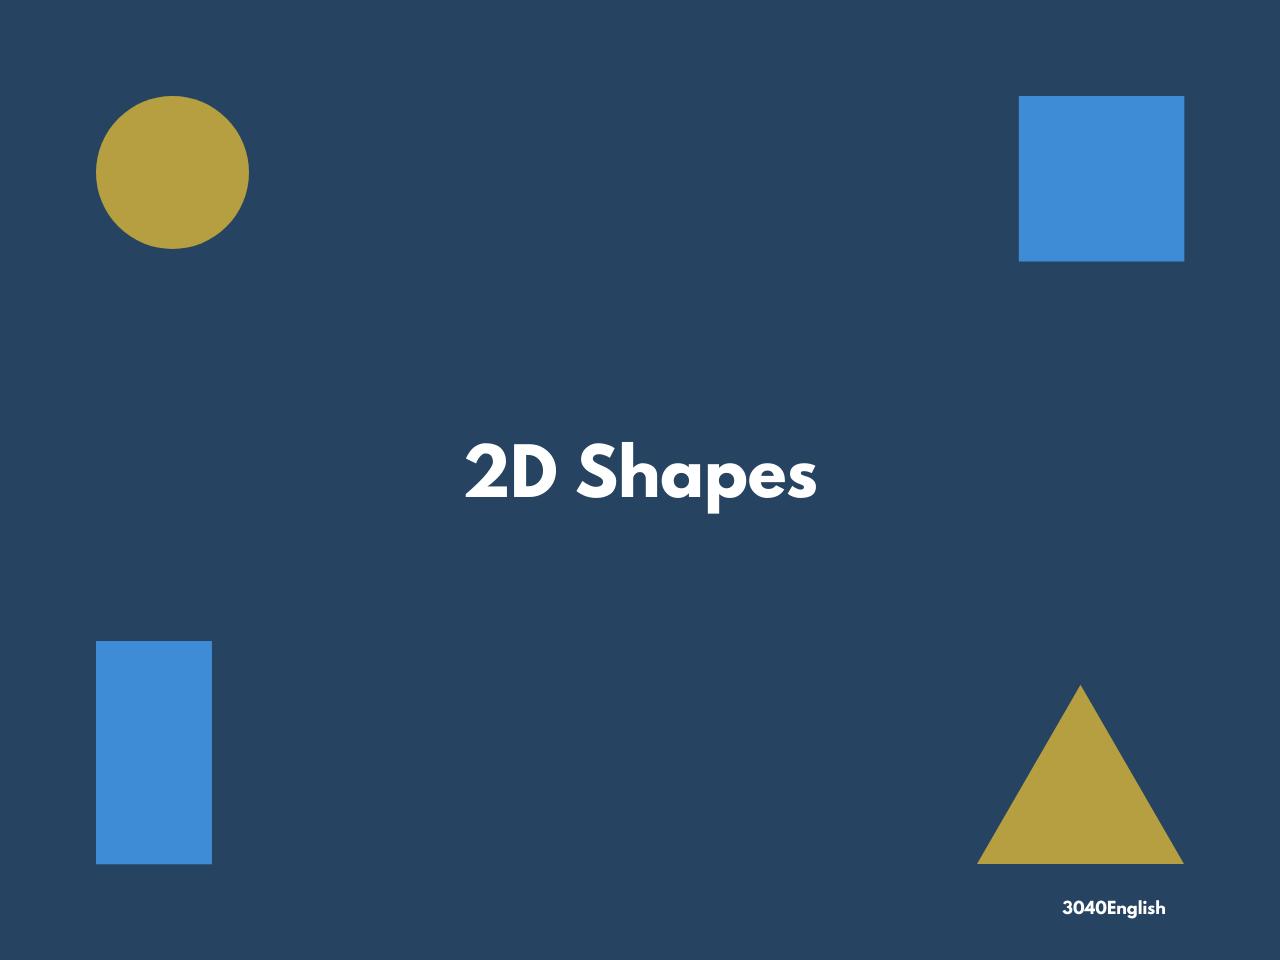 平面図形の英語表現【丸・三角・長方形・正方形など】